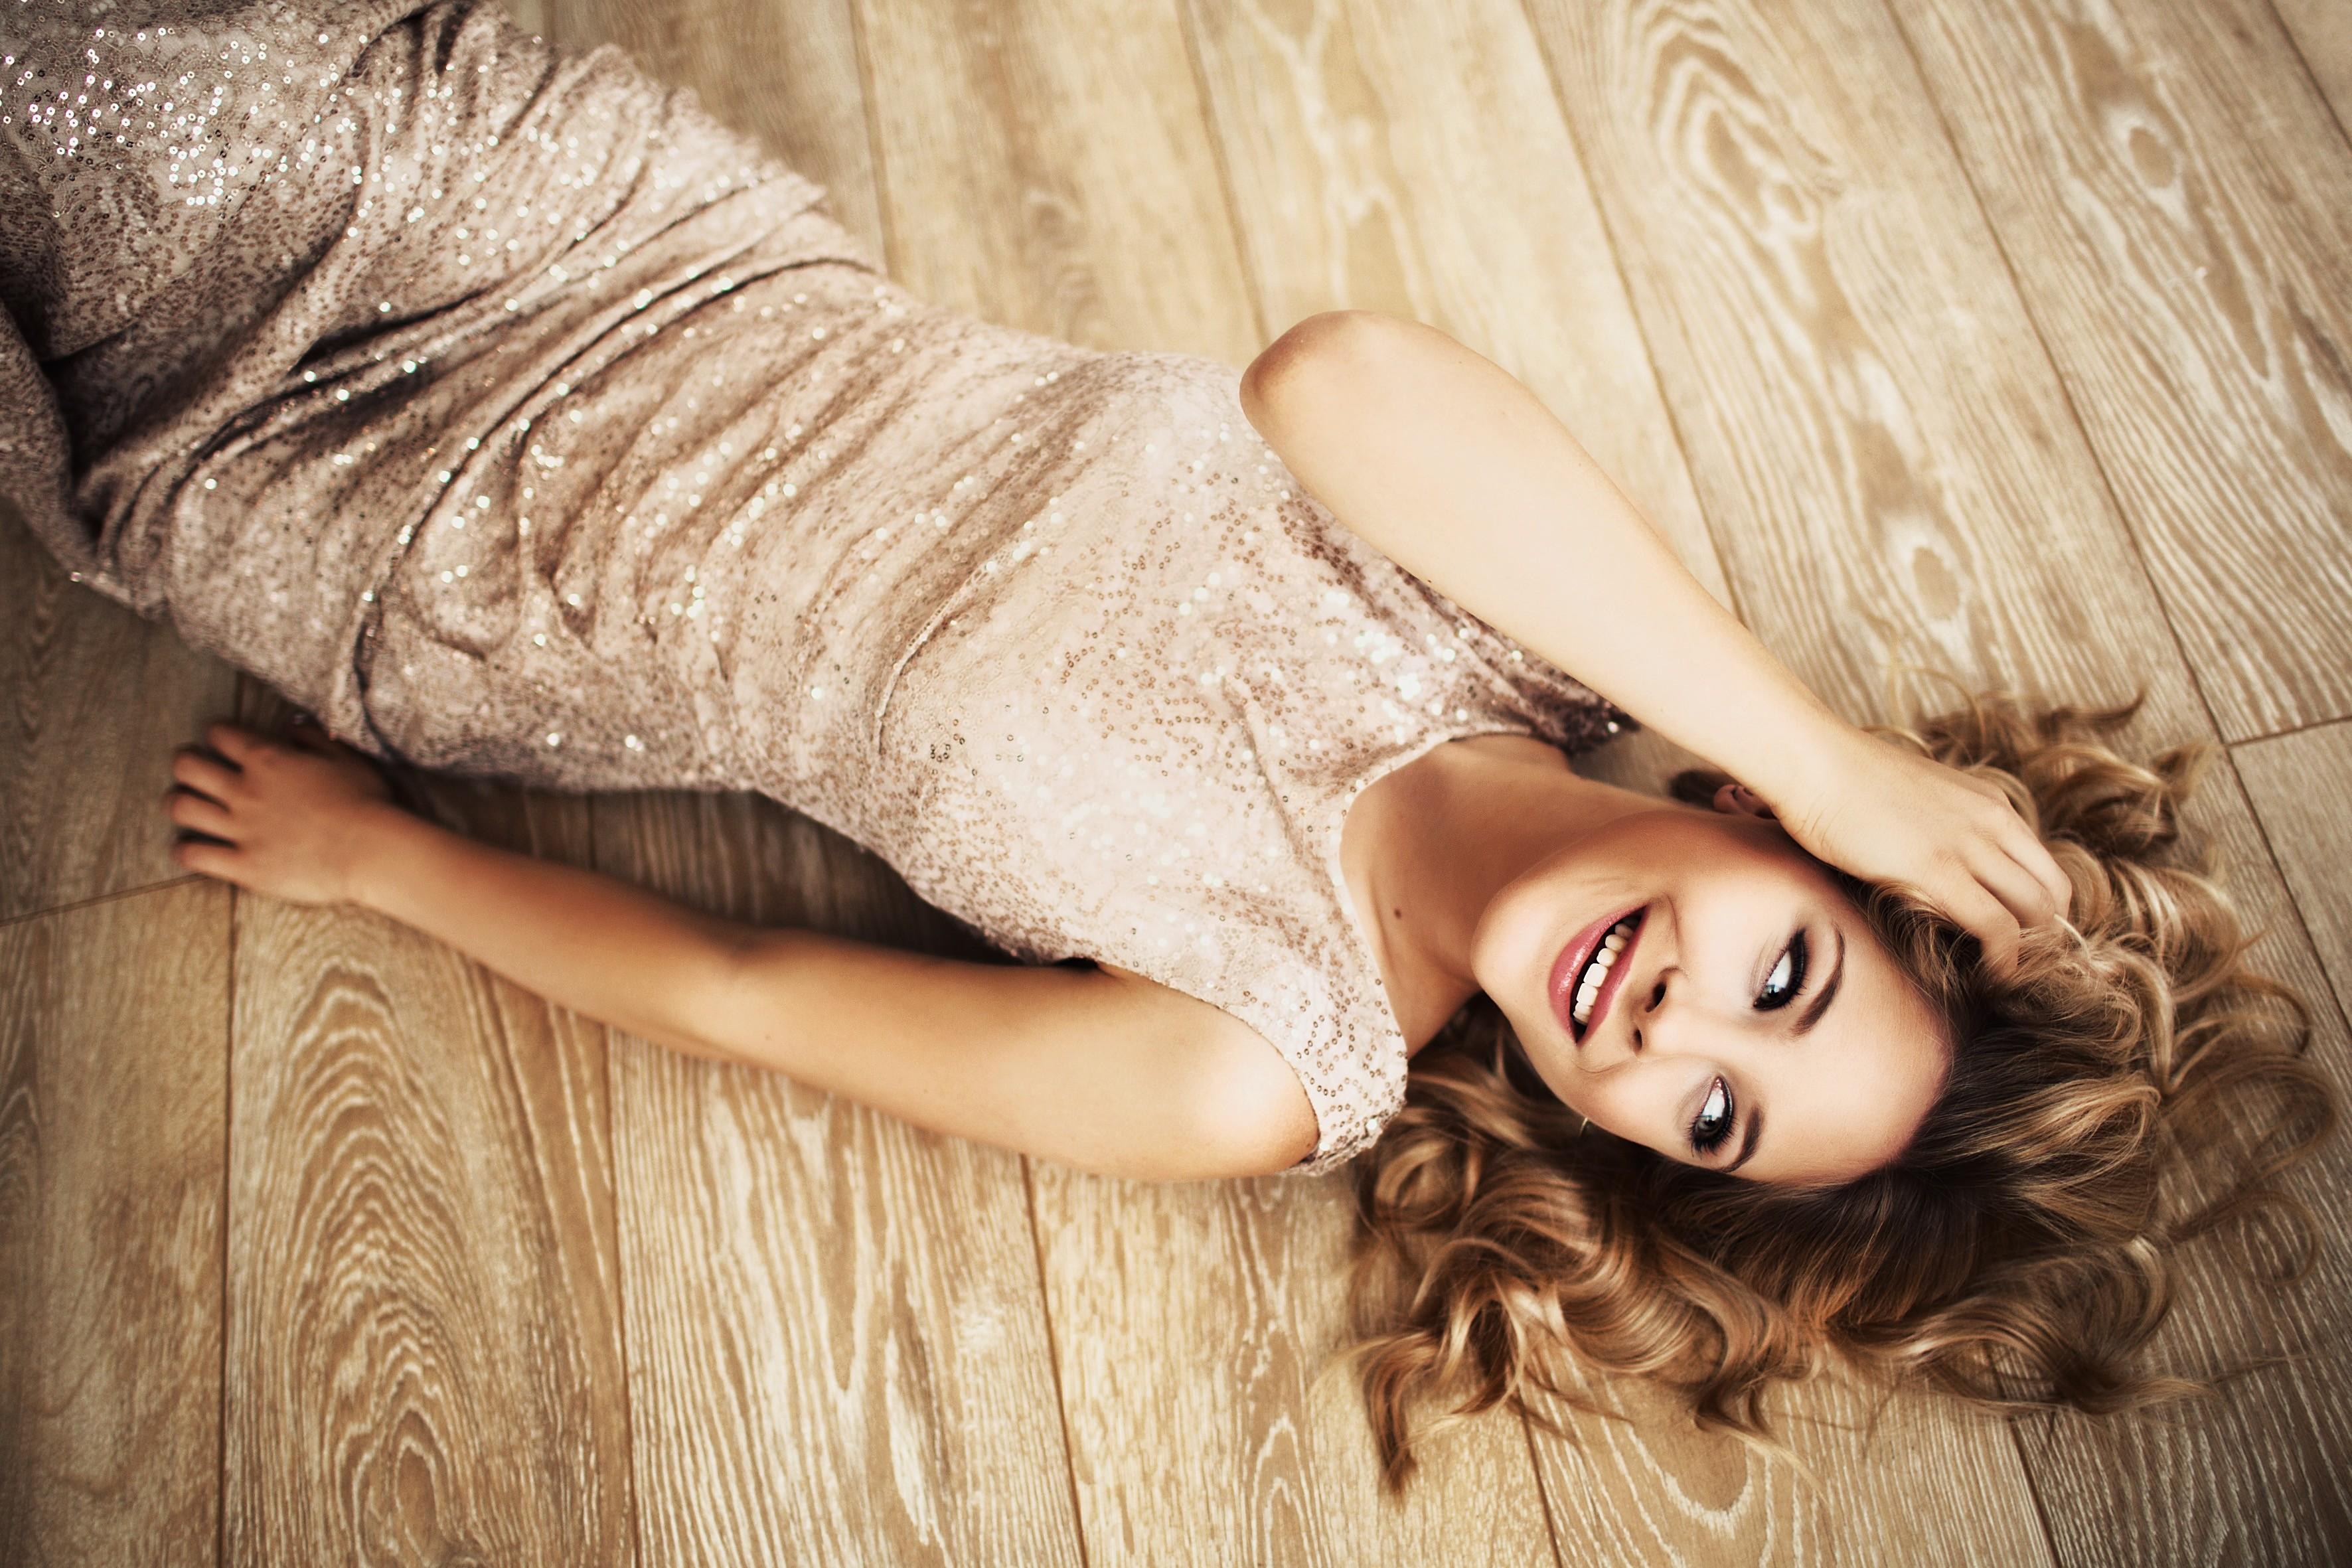 festlicher Look, Model mit natürlichen Locken auf dem Boden liegend